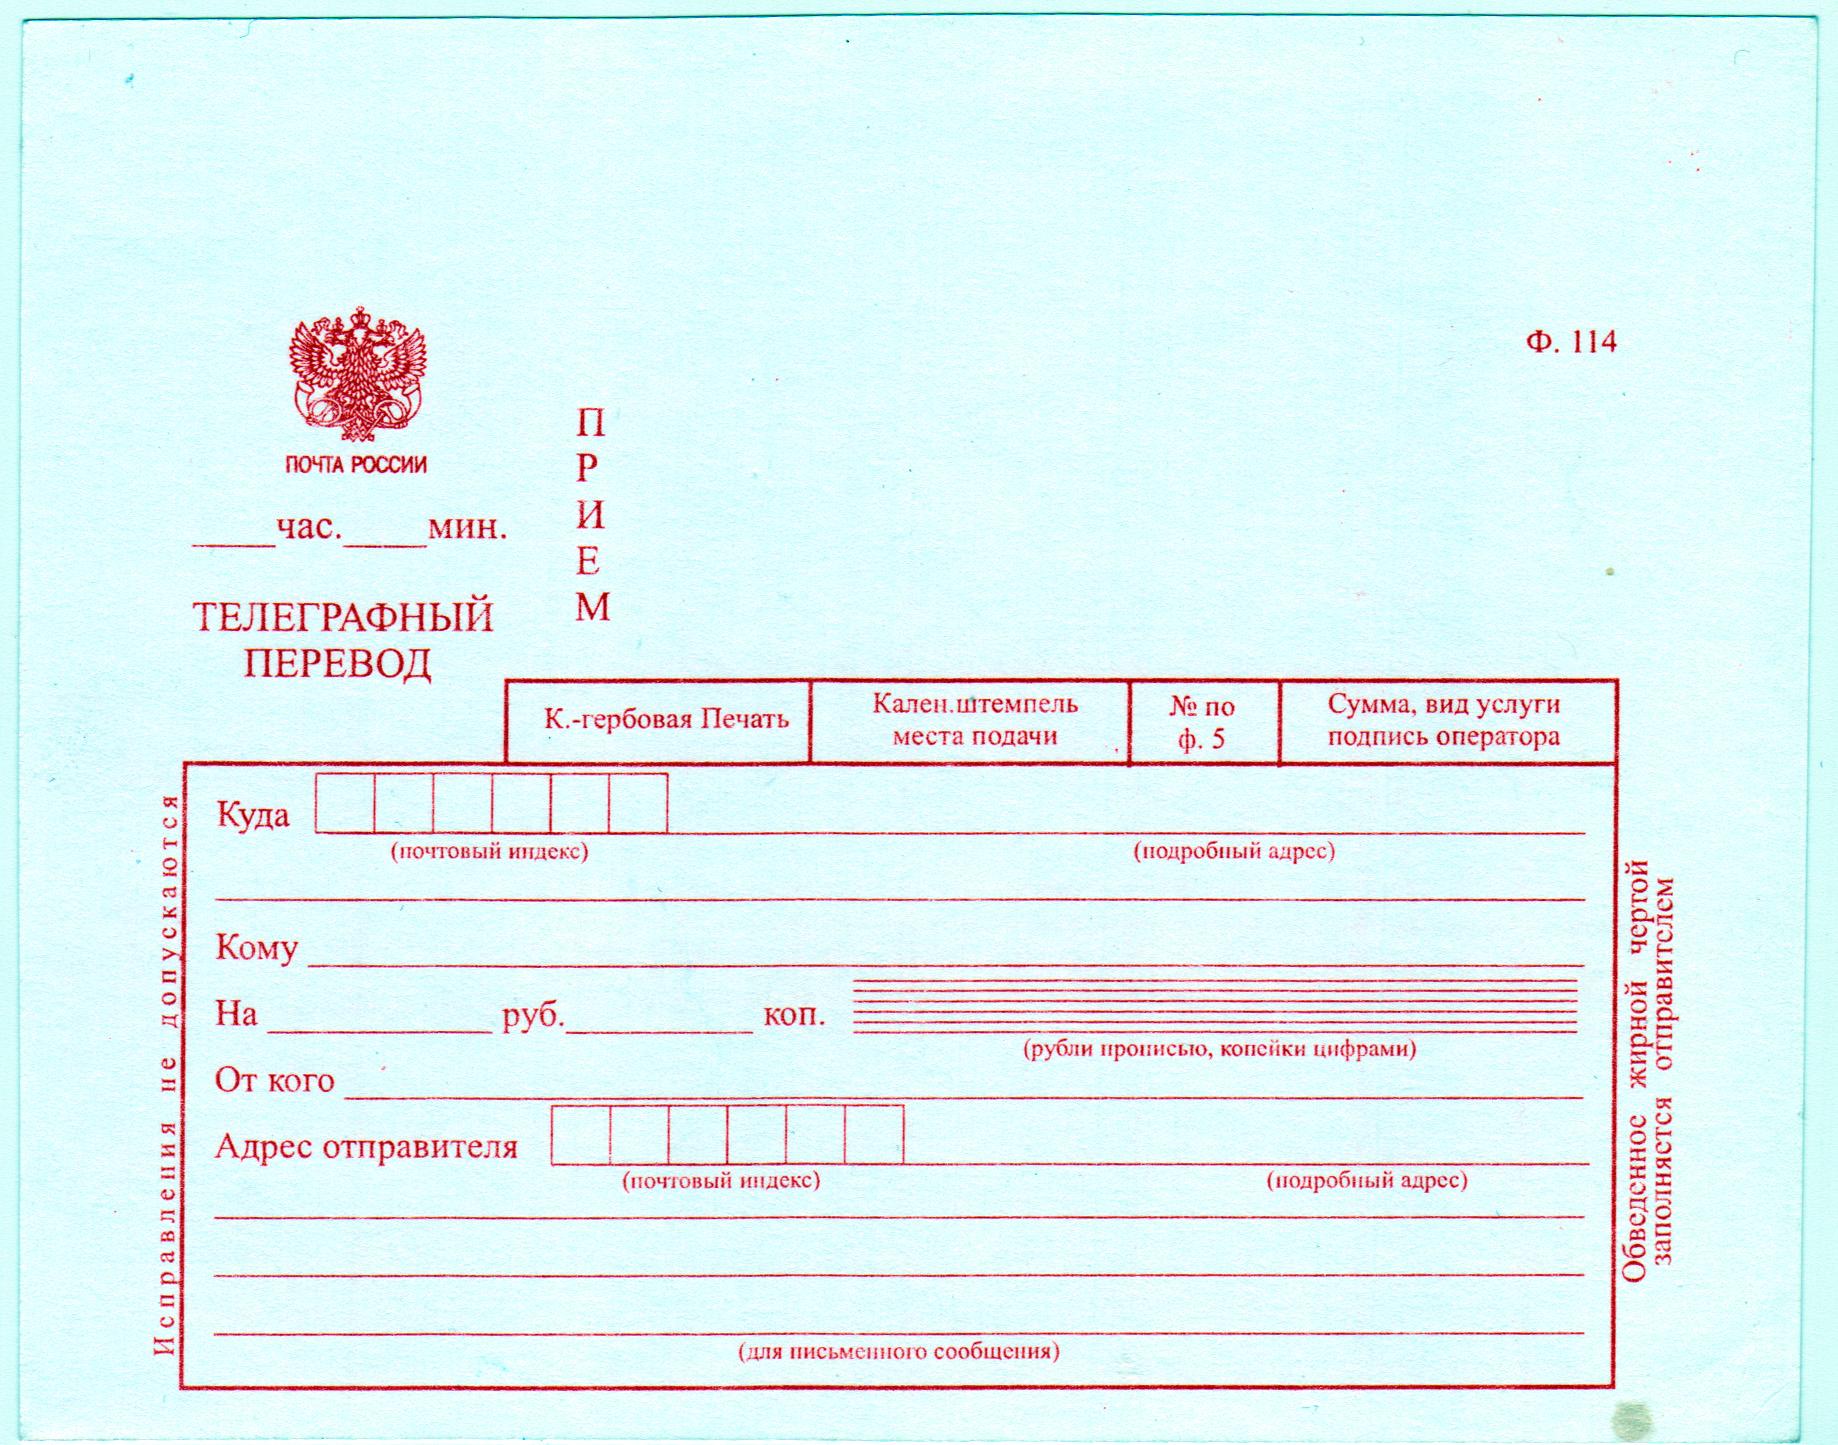 бланк телеграфного перевода